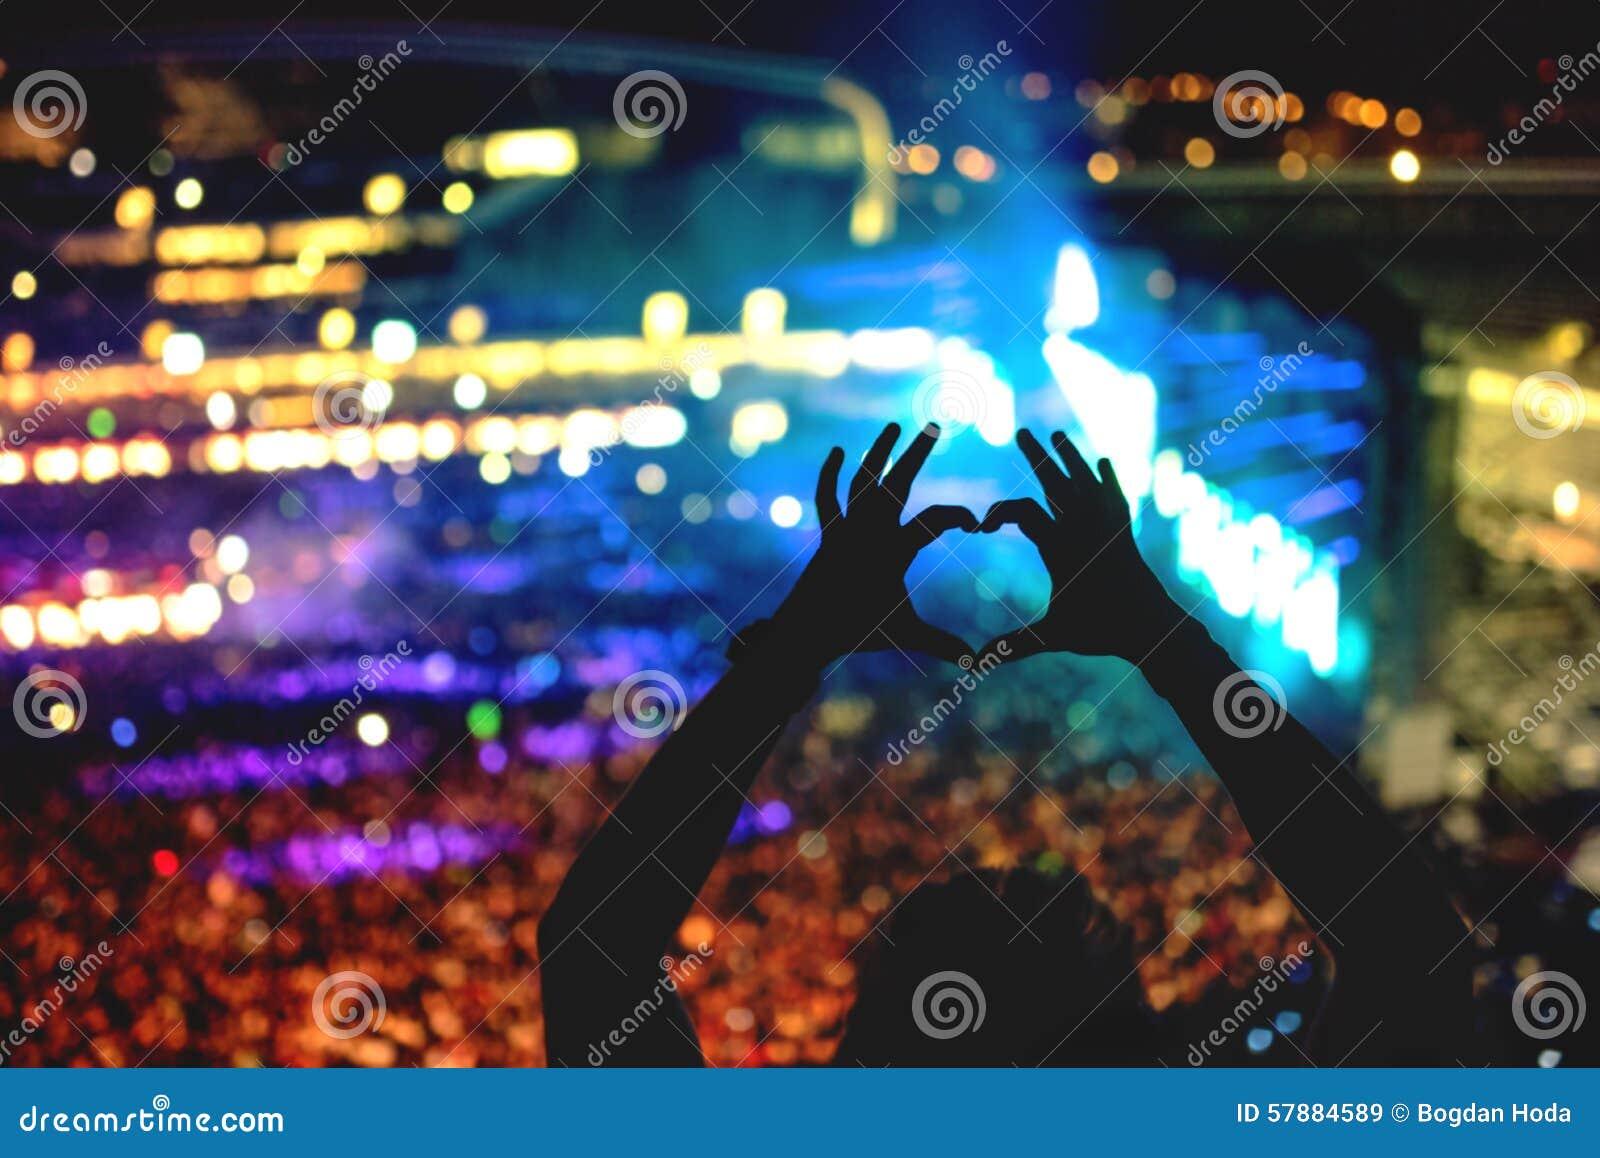 Silhueta de um homem que faz o coração dos gestos de mão, o olhar do vintage na foto e o fundo da multidão